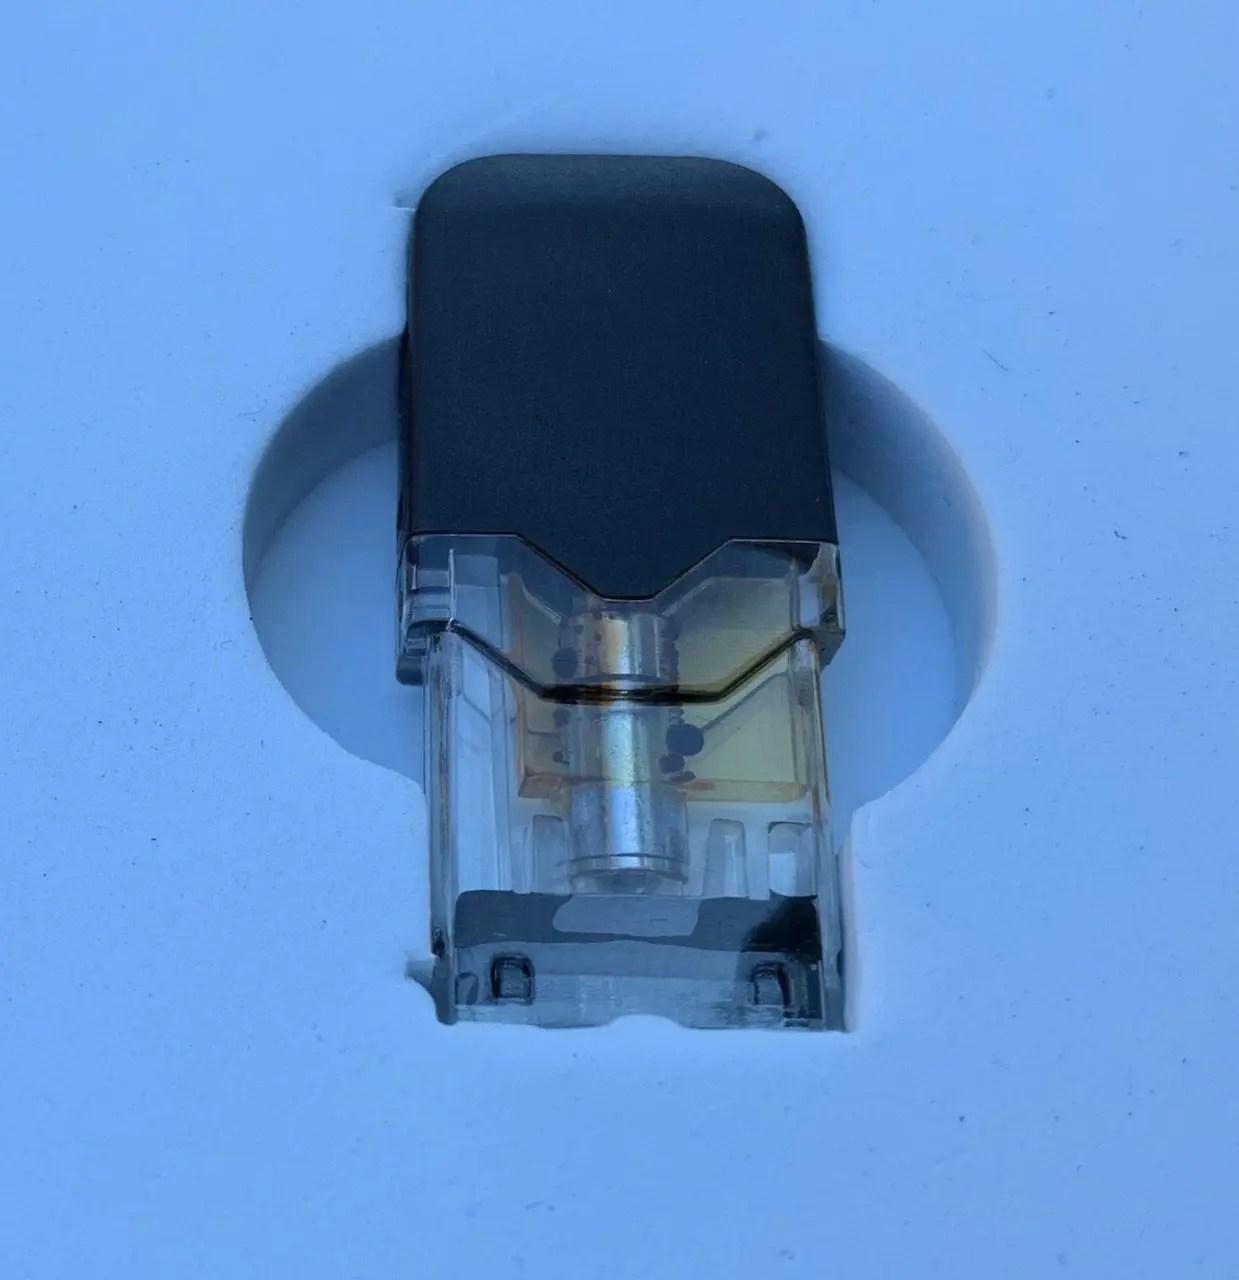 图6: 把烟嘴部分的塑料壳撸下来,看到整个烟油腔体,除了加热棒外,底部也沉淀了很多深色物质。 所以,浅色的油应该是就是MCT Oil三酸甘油脂油, 而深色的就是CBD油了,在Smoke Shop放置时间太久,分层了。